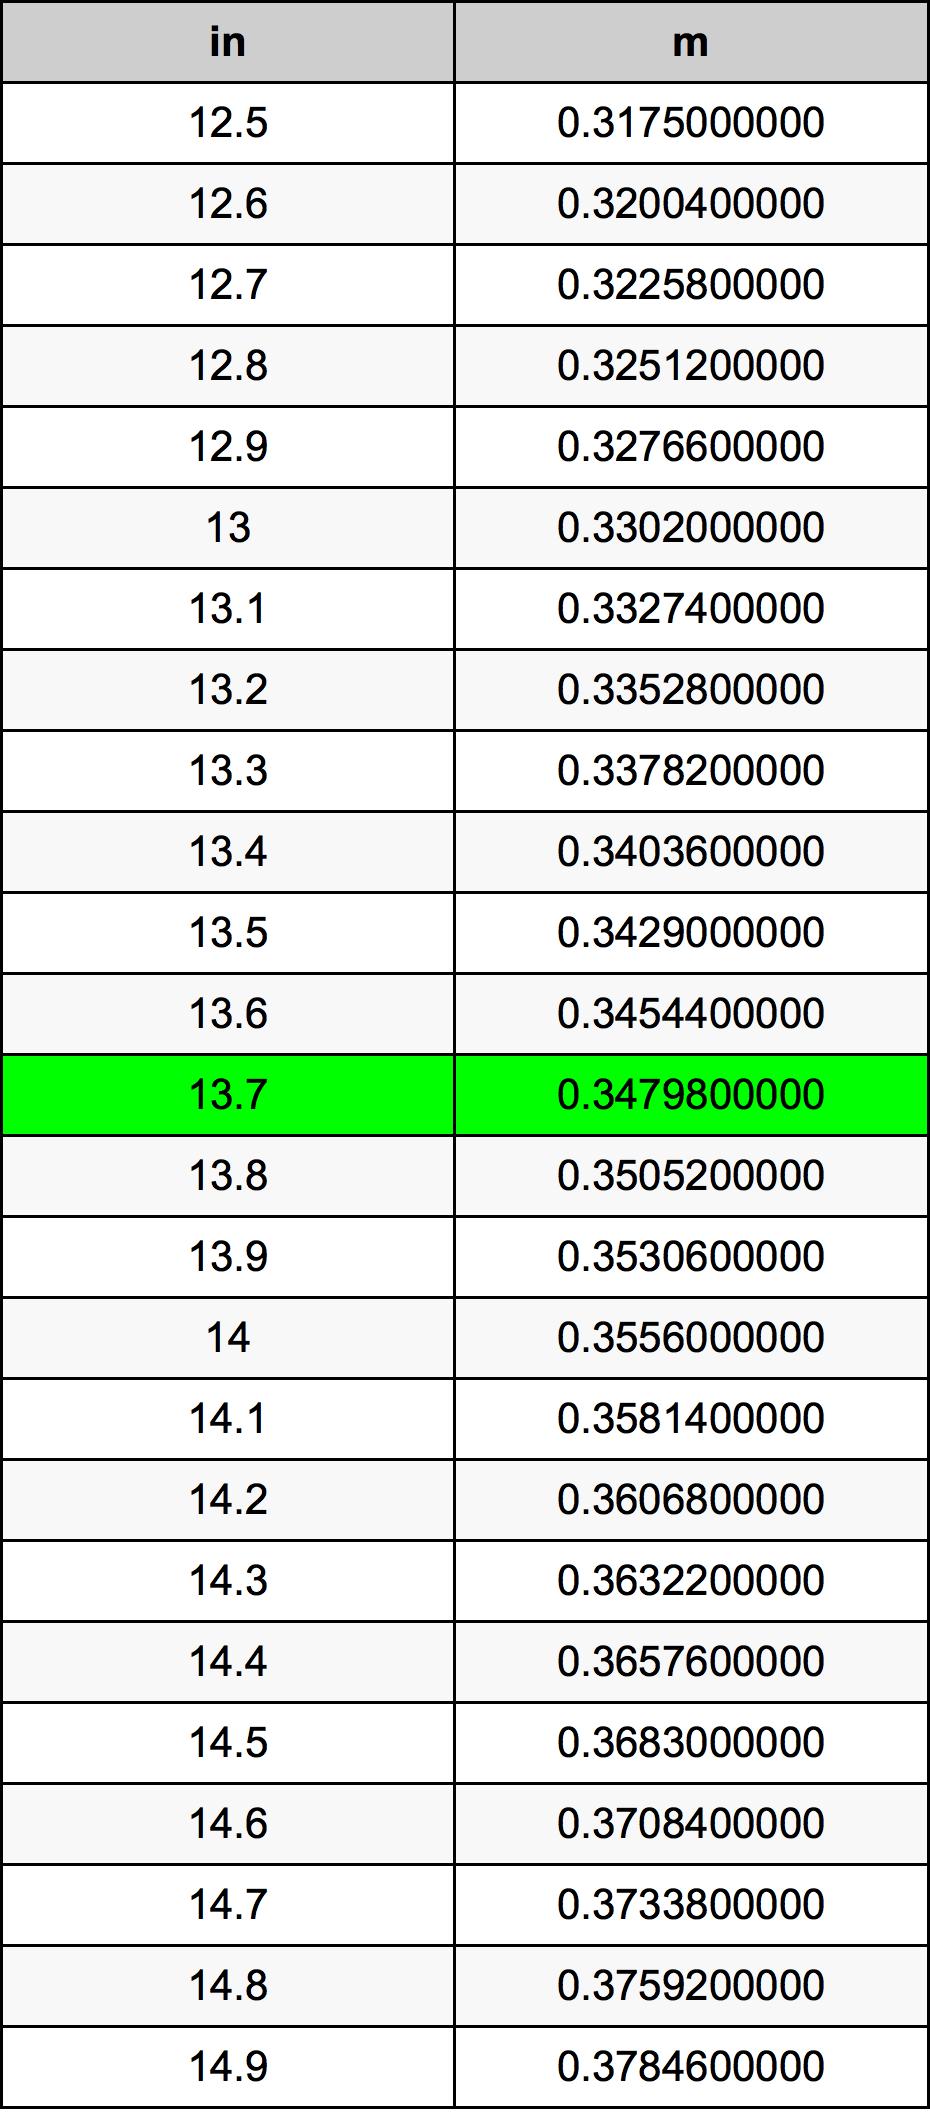 13.7インチ換算表